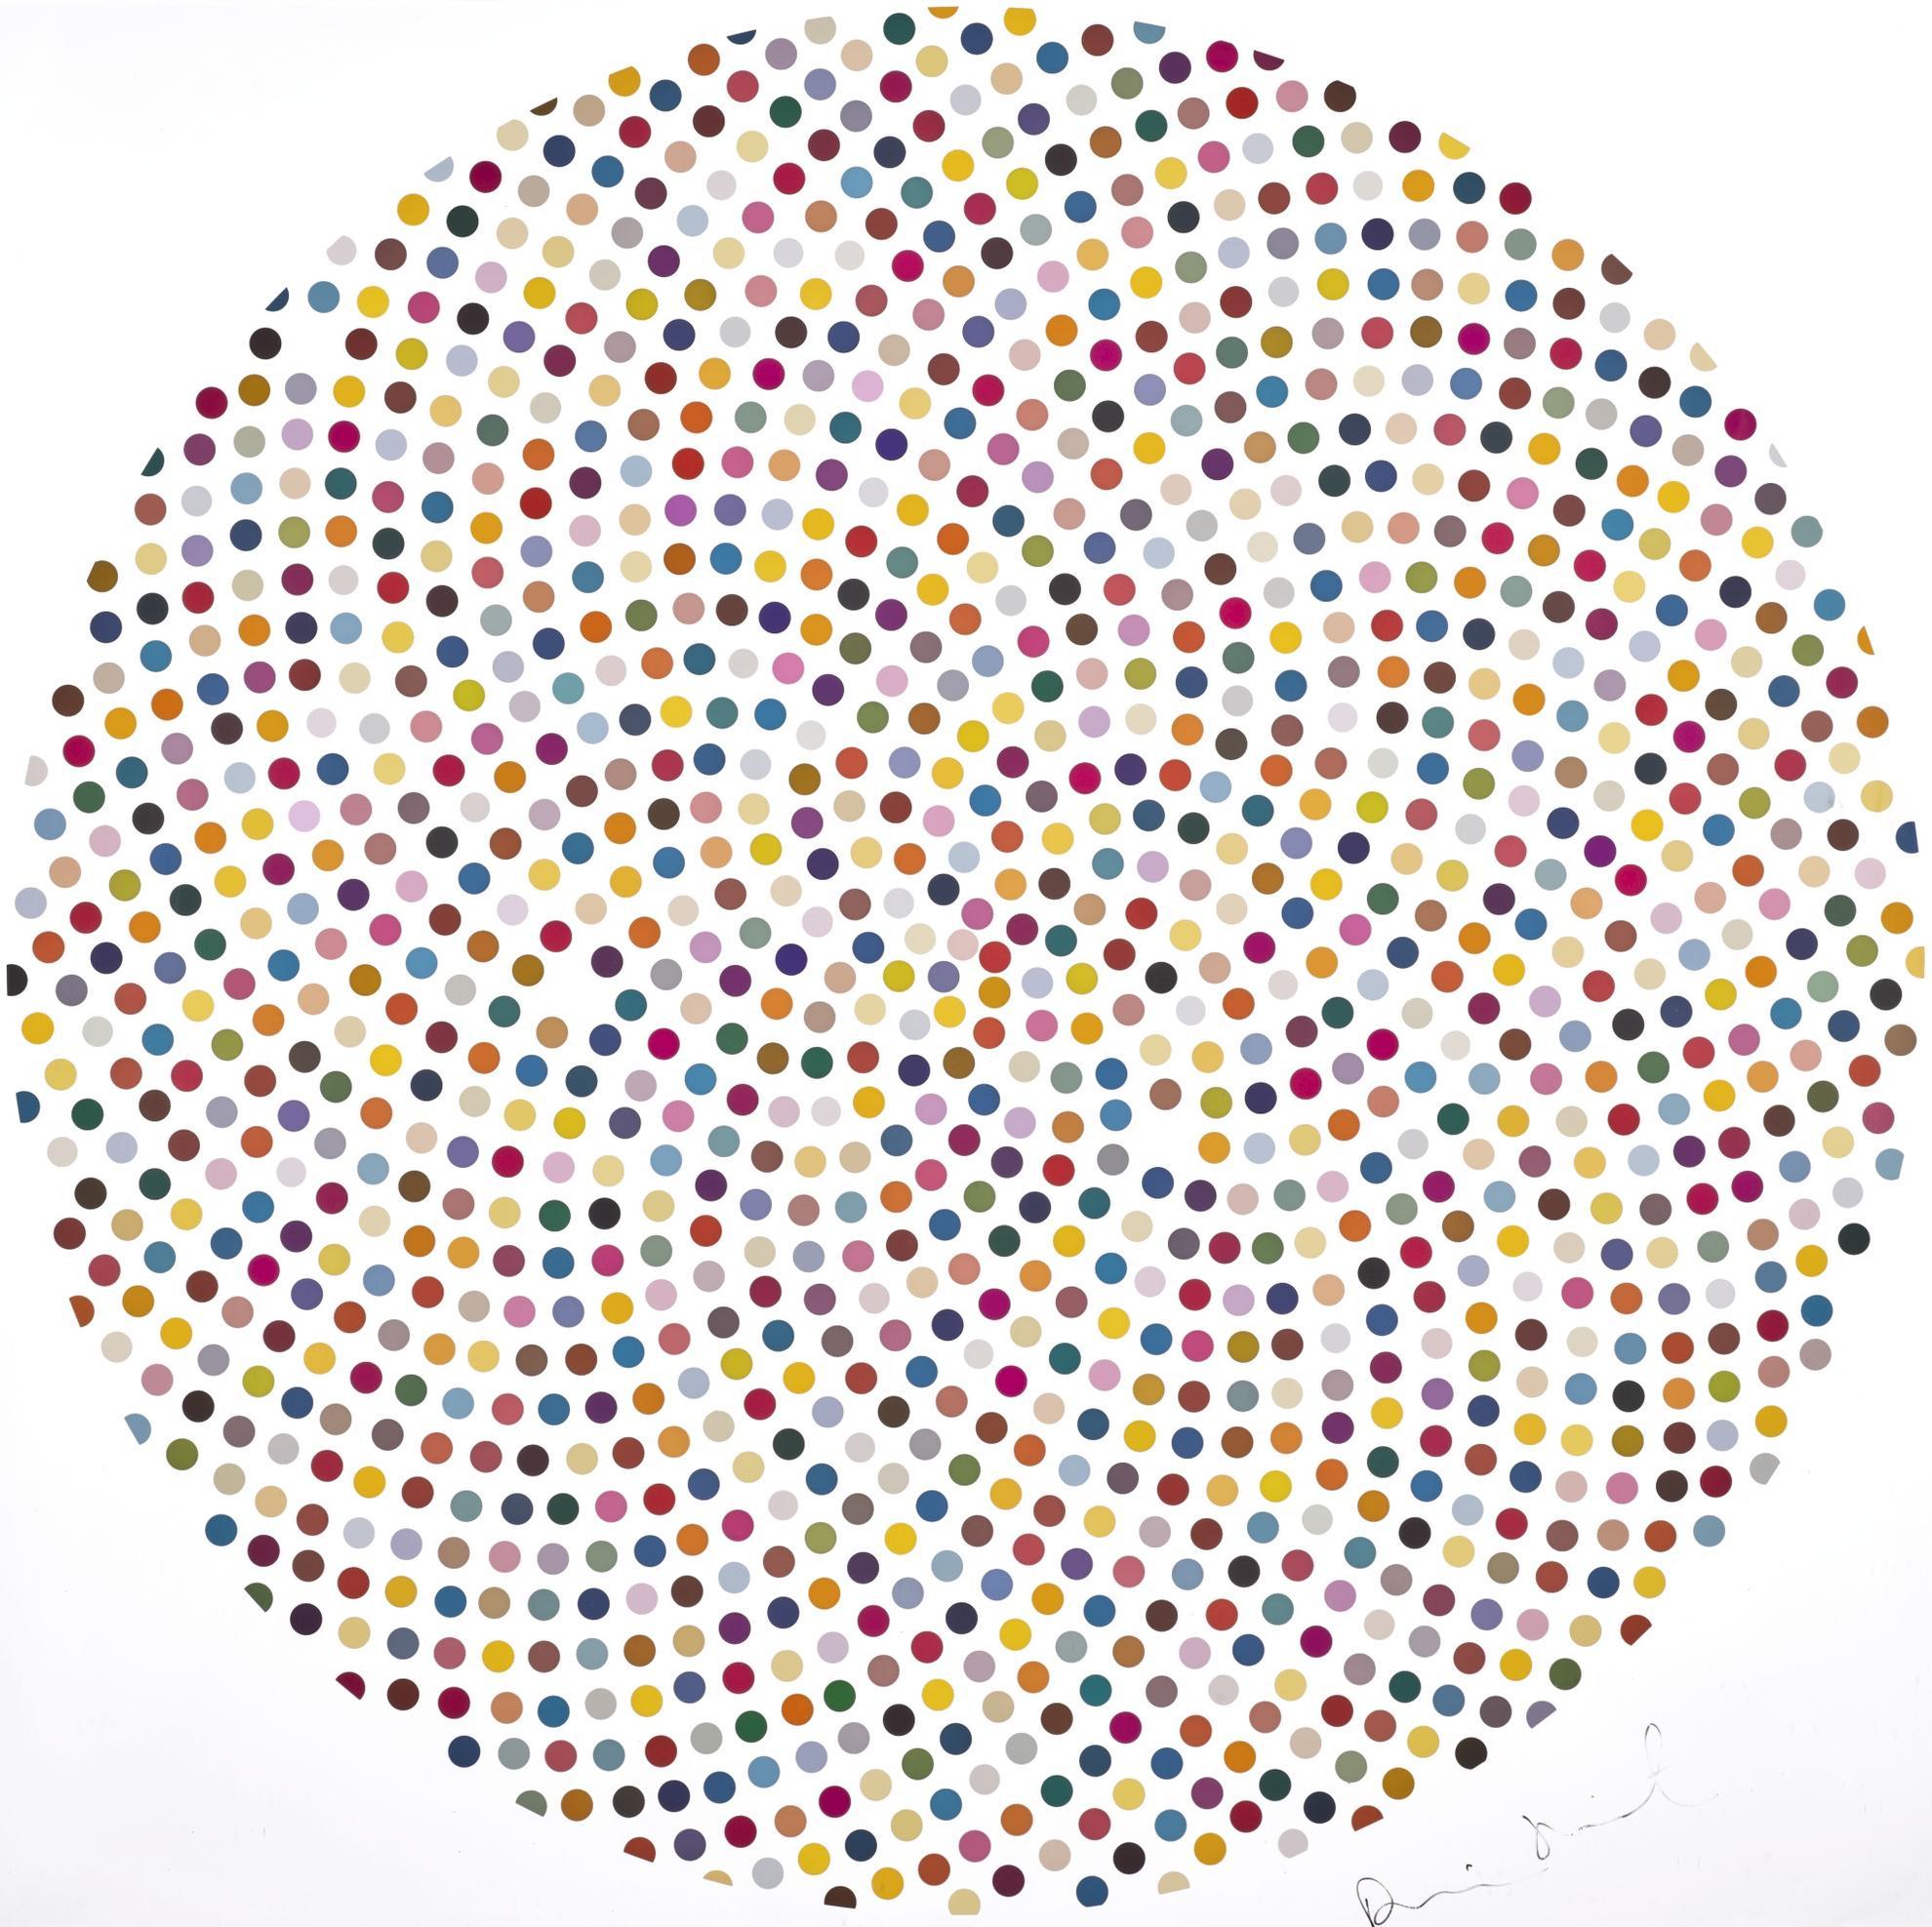 Damien Hirst-Valium-2000